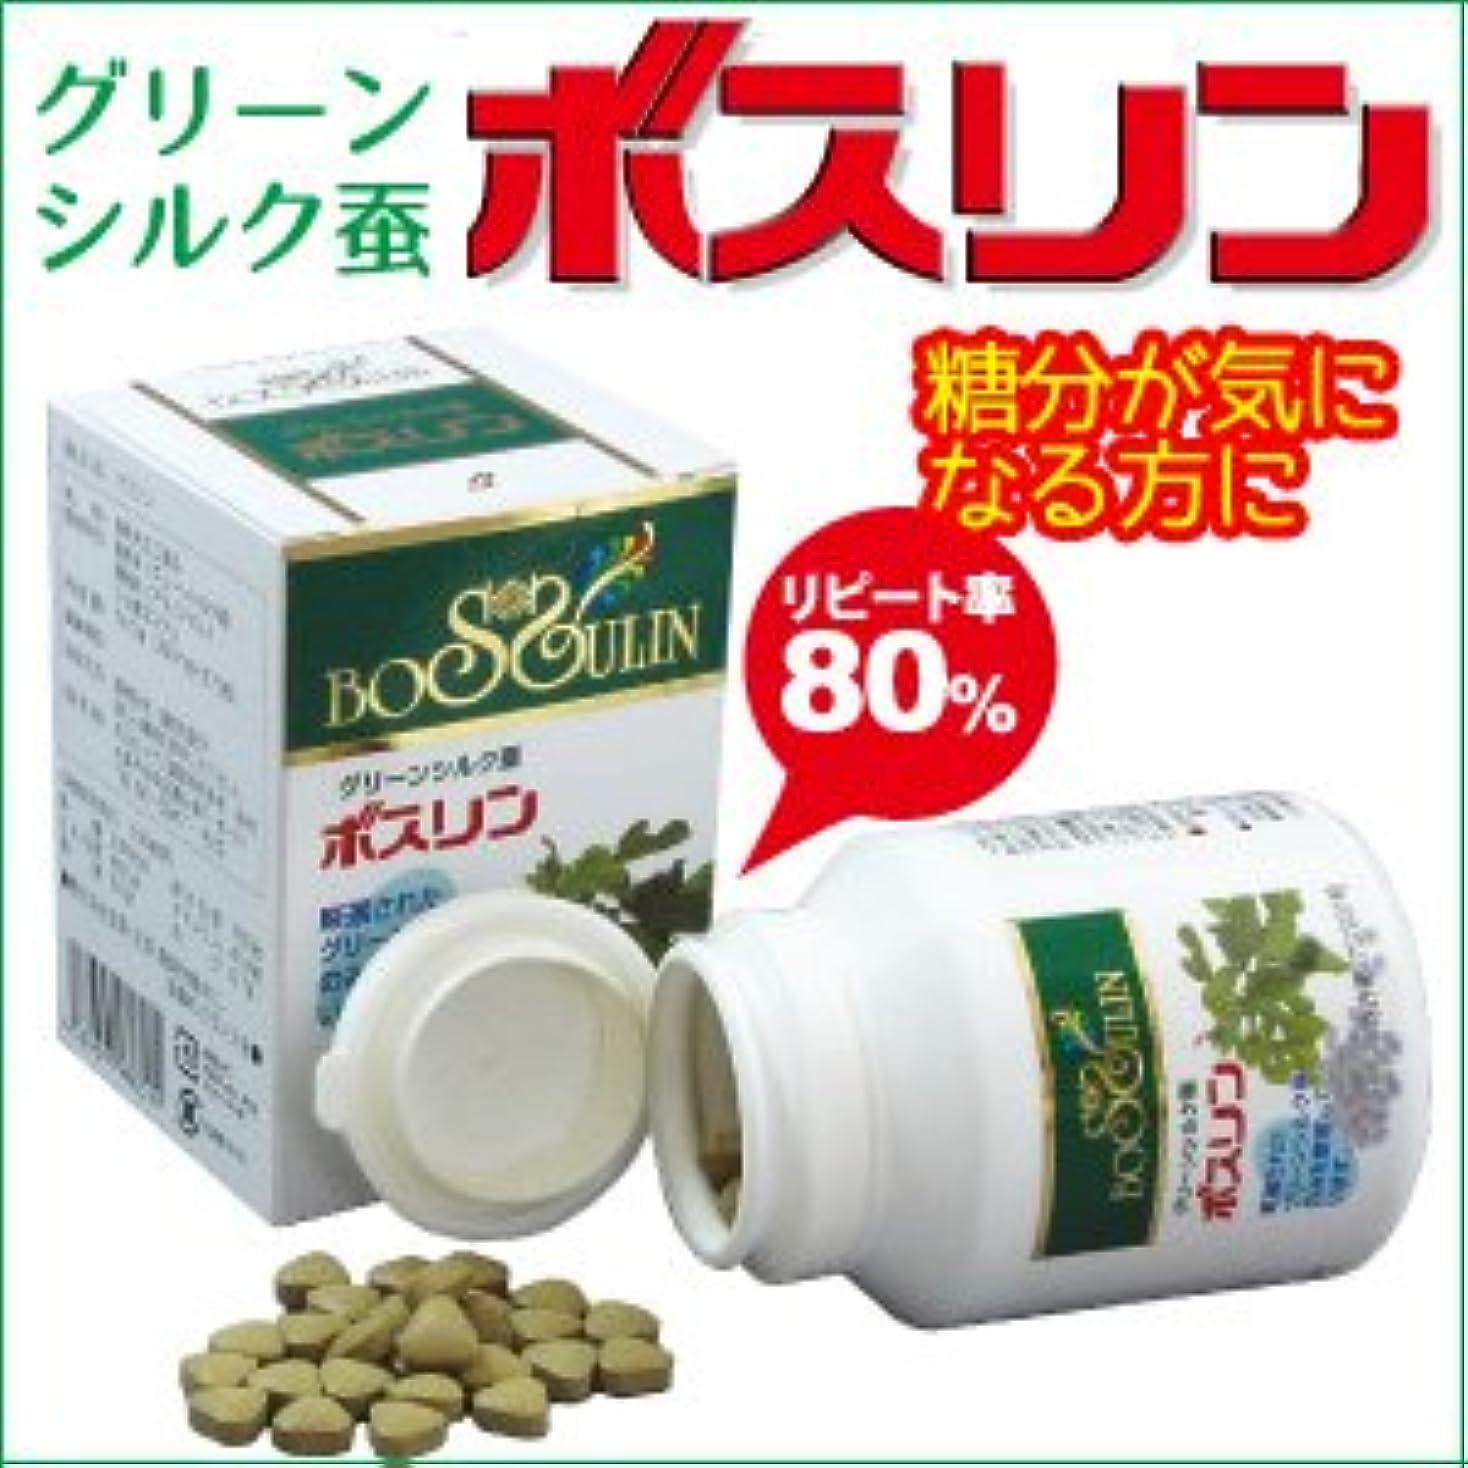 スコアブルジョンカジュアルボスリン 桑の葉を主食とする厳選された蚕を使用したグリーンシルク蚕(蚕粉末)を配合!